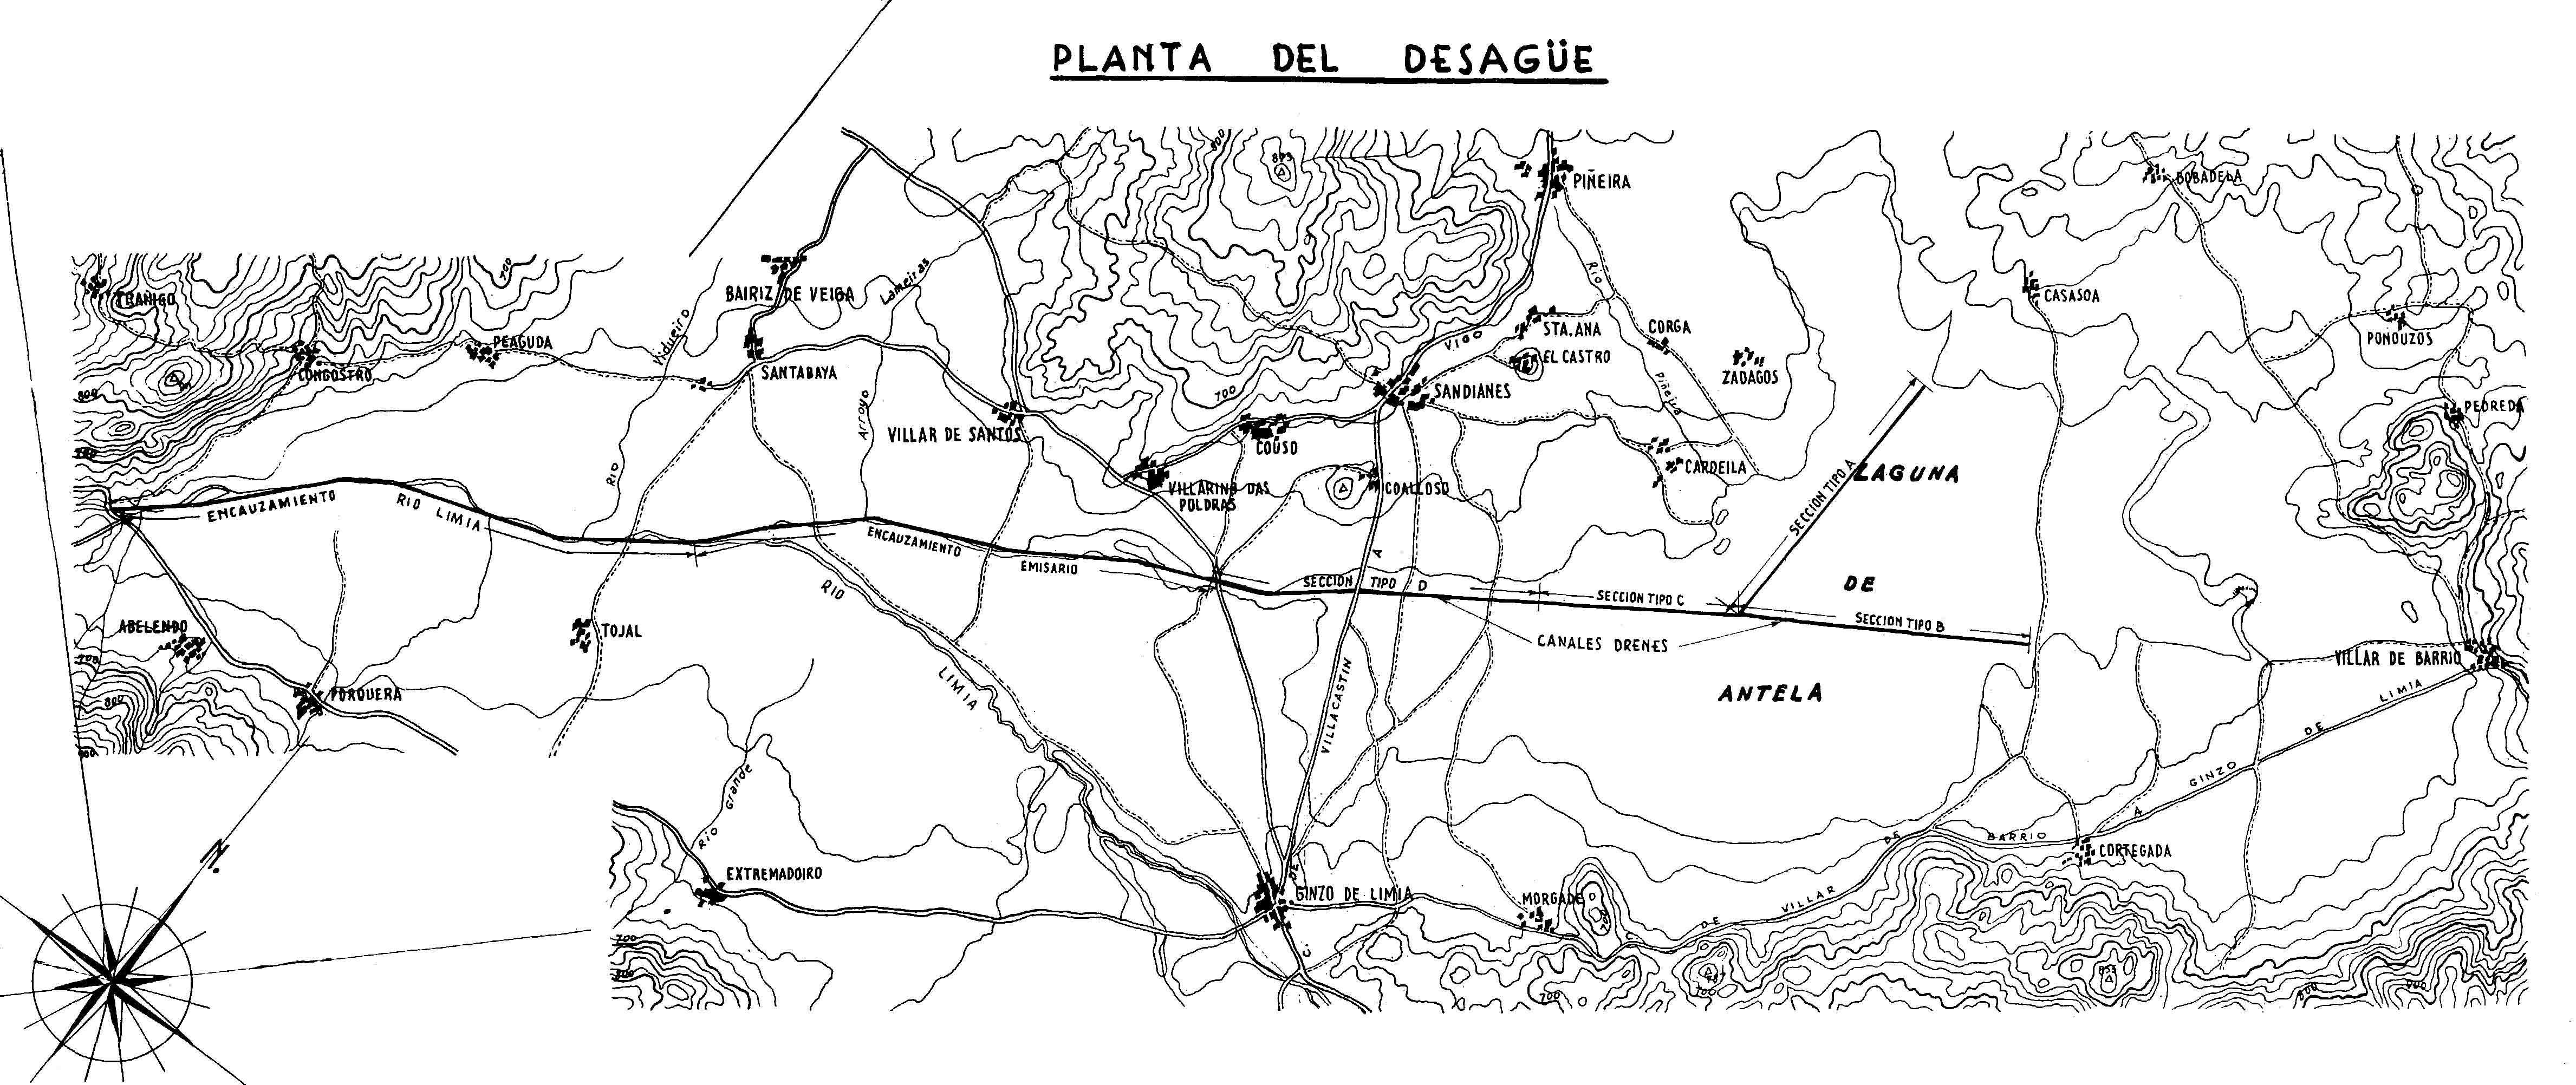 Planta desougamento proxecto 1957